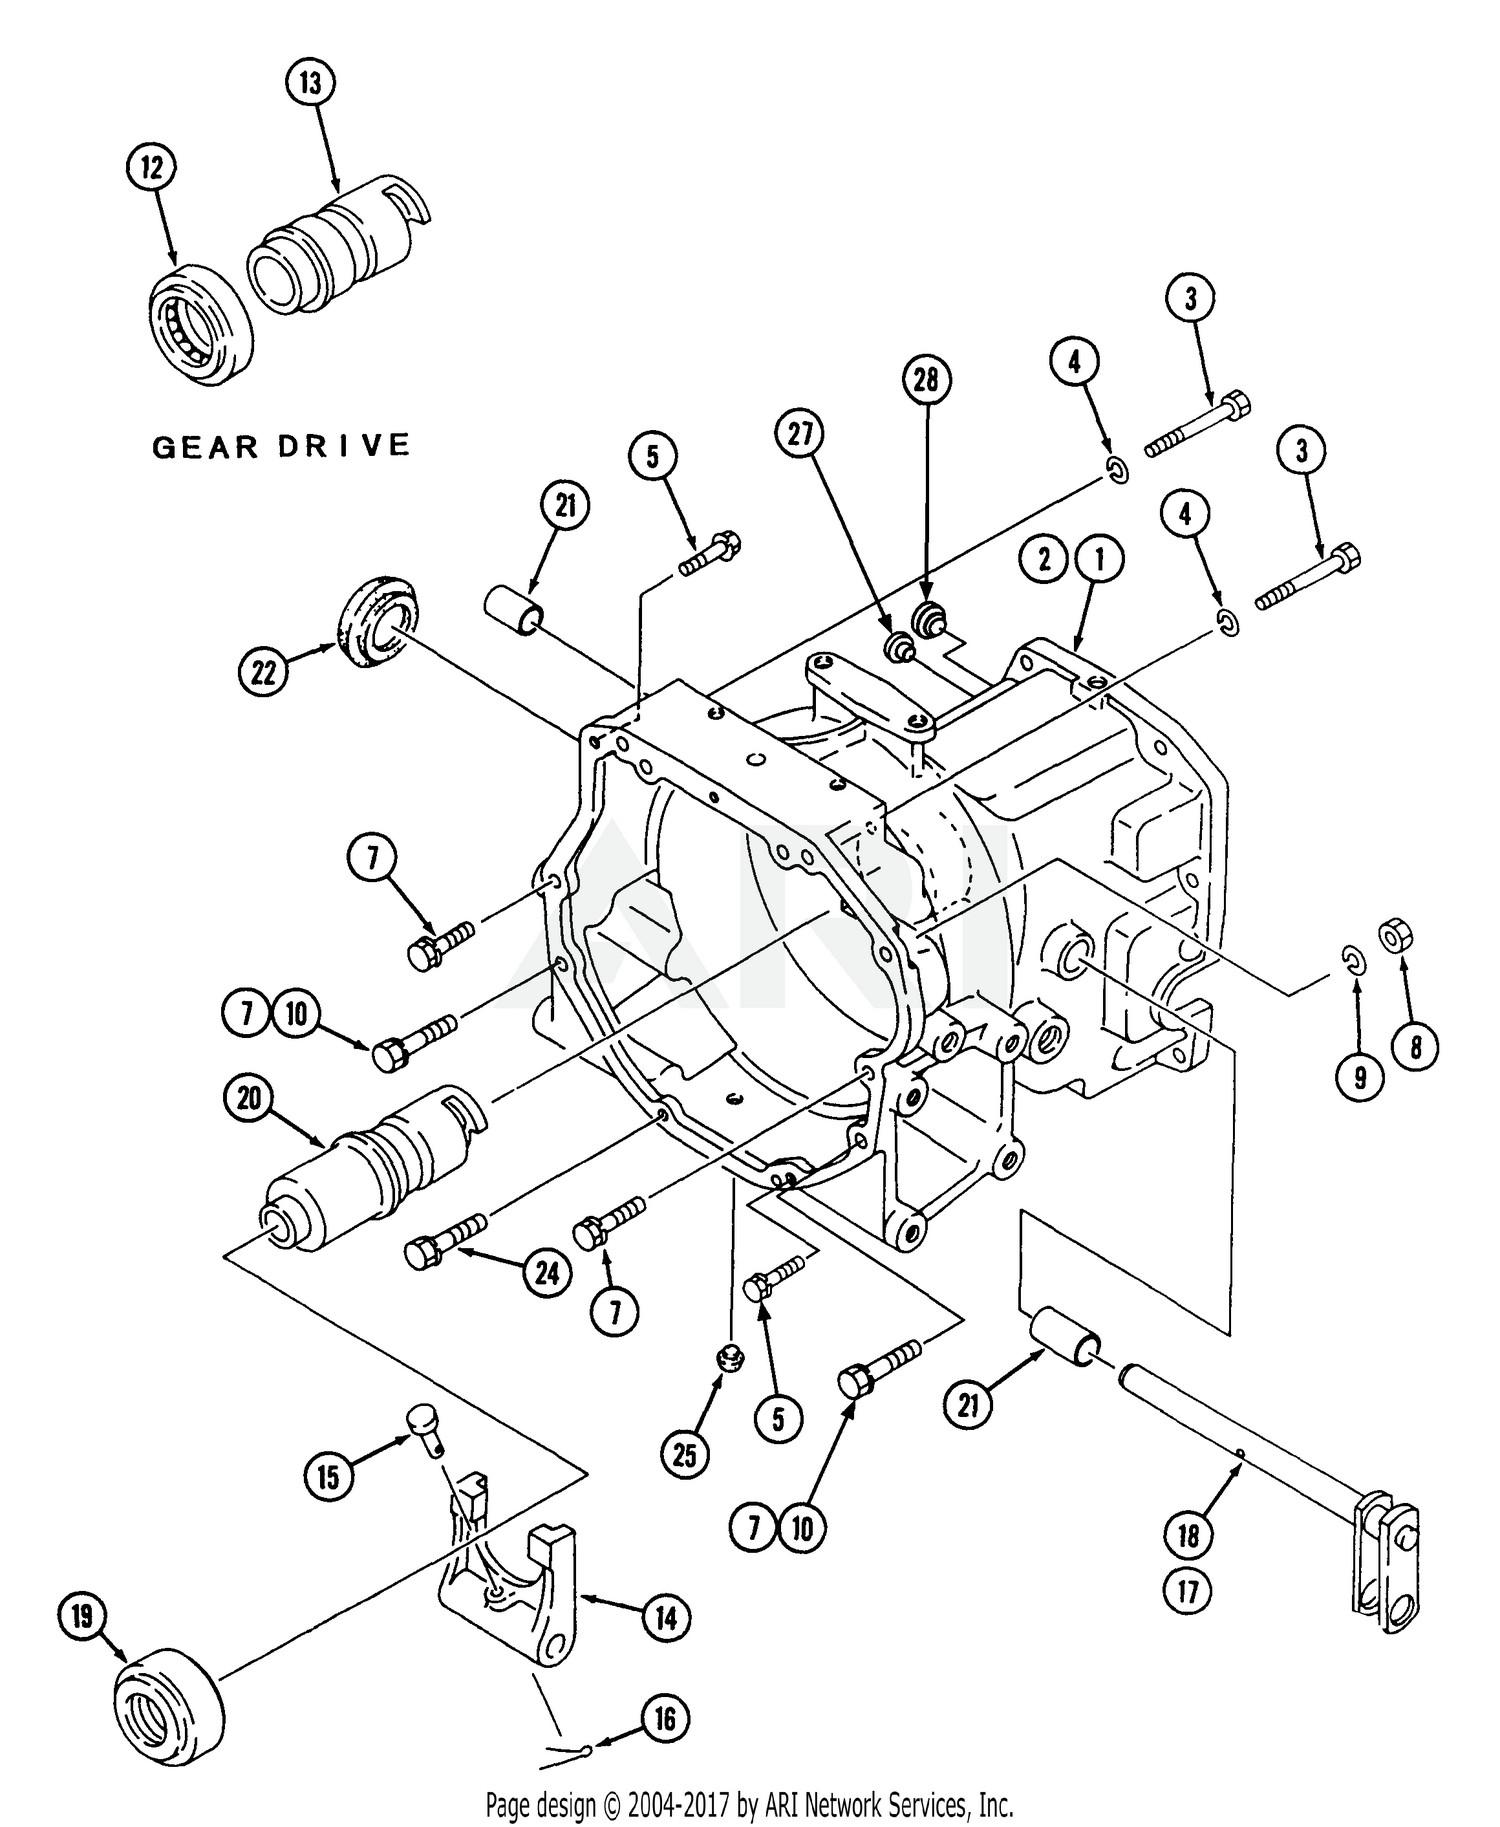 Auto engine parts diagram cub cadet parts diagrams cub cadet 7194 tractor 544 432d100 546 of